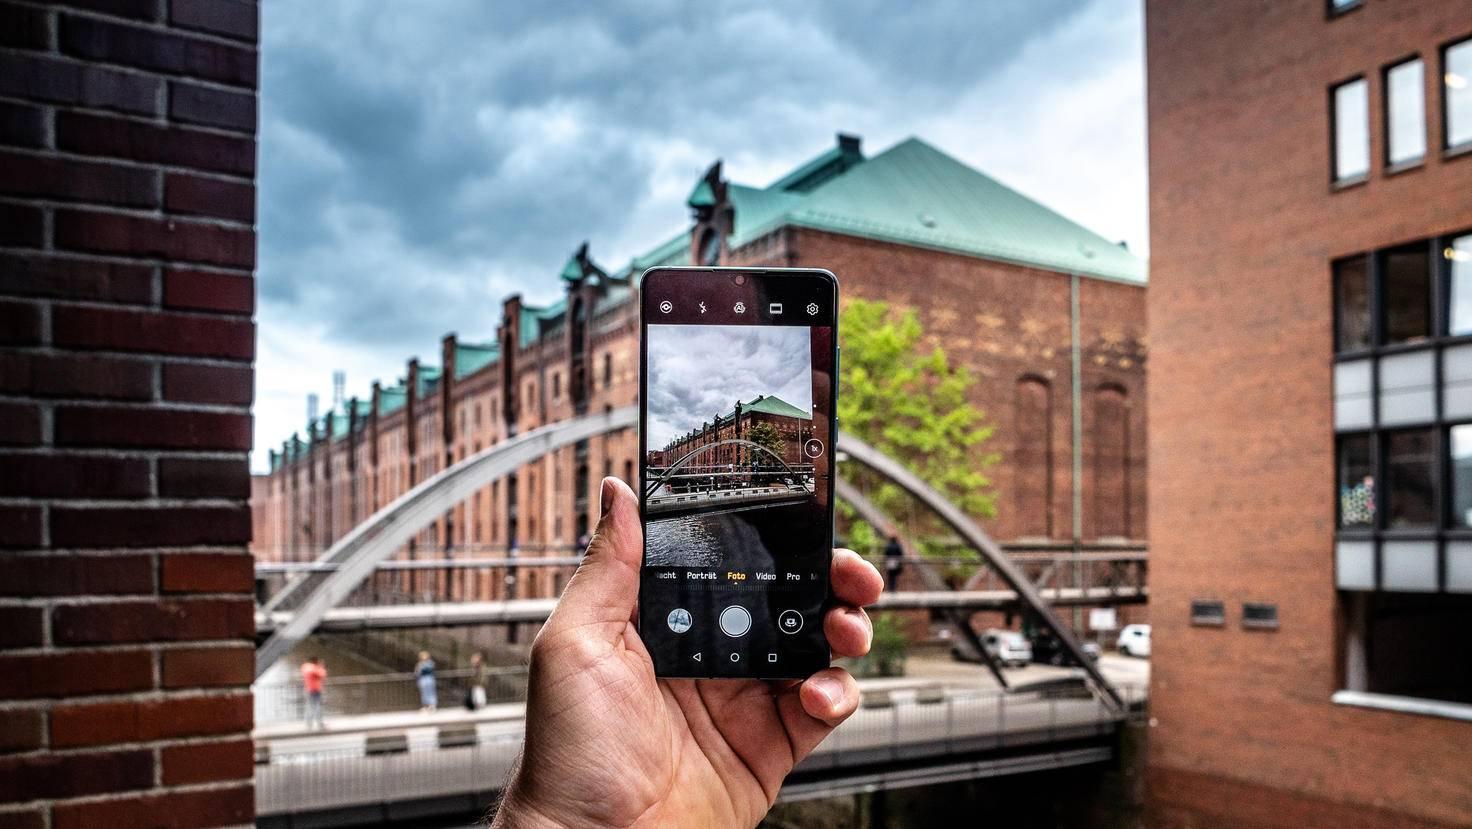 Praktisch für das Fotografieren ist auch die handliche Größe des Smartphones.